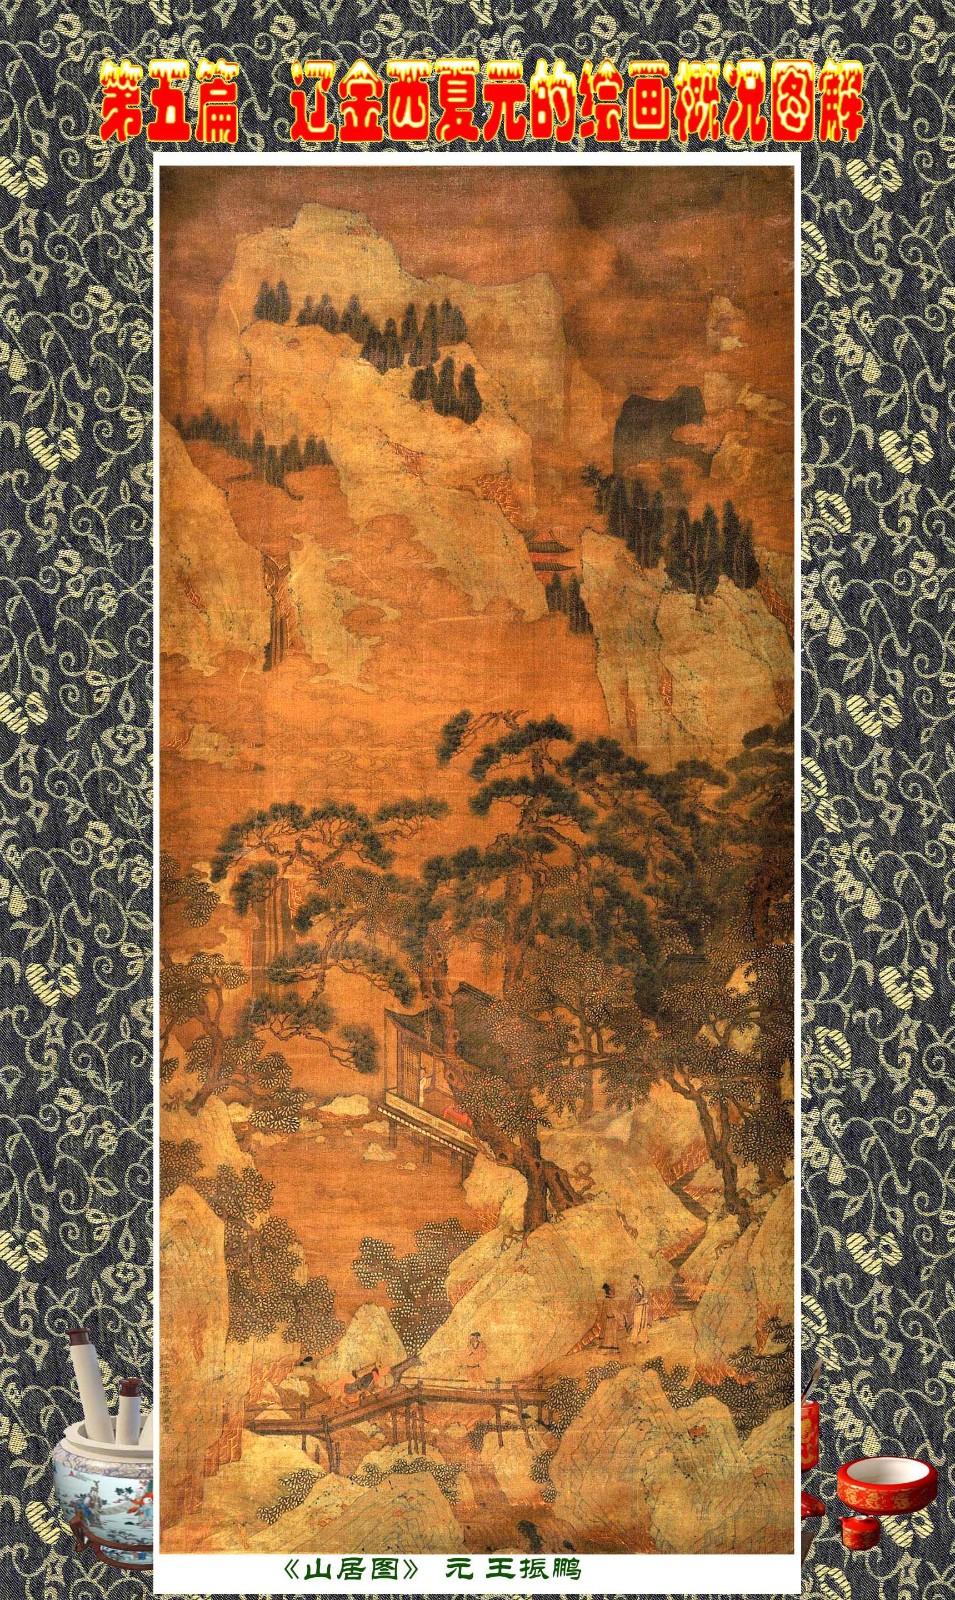 顾绍骅编辑 中国画知识普及版 第五篇 辽金西夏元的绘画概况 下 ... ..._图1-52